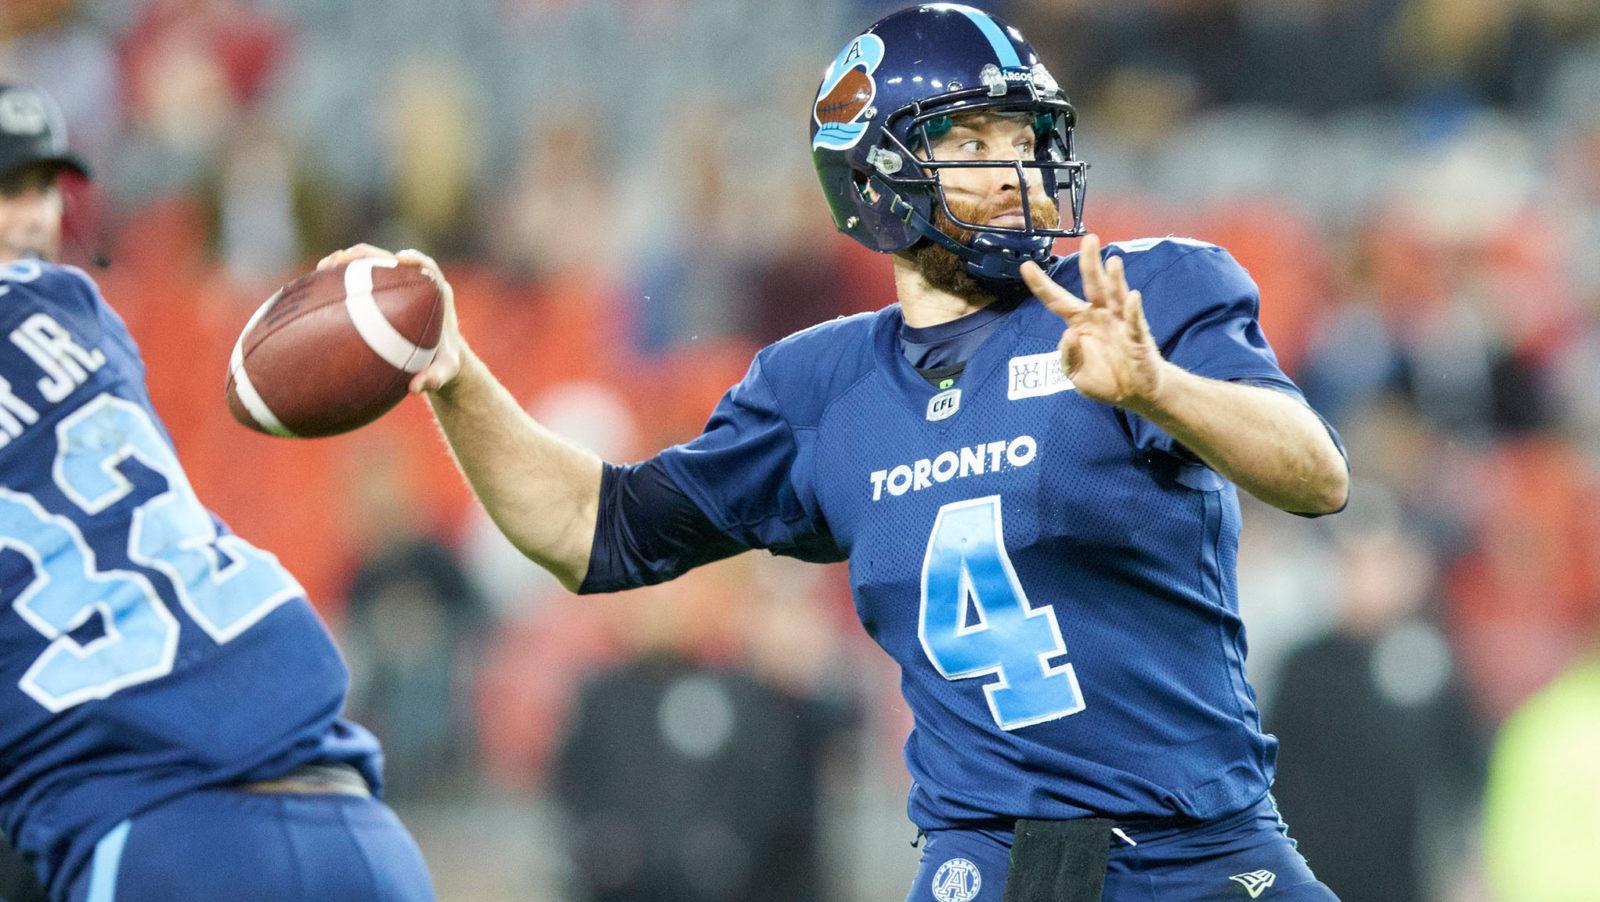 Toronto Argonauts: The team for you?